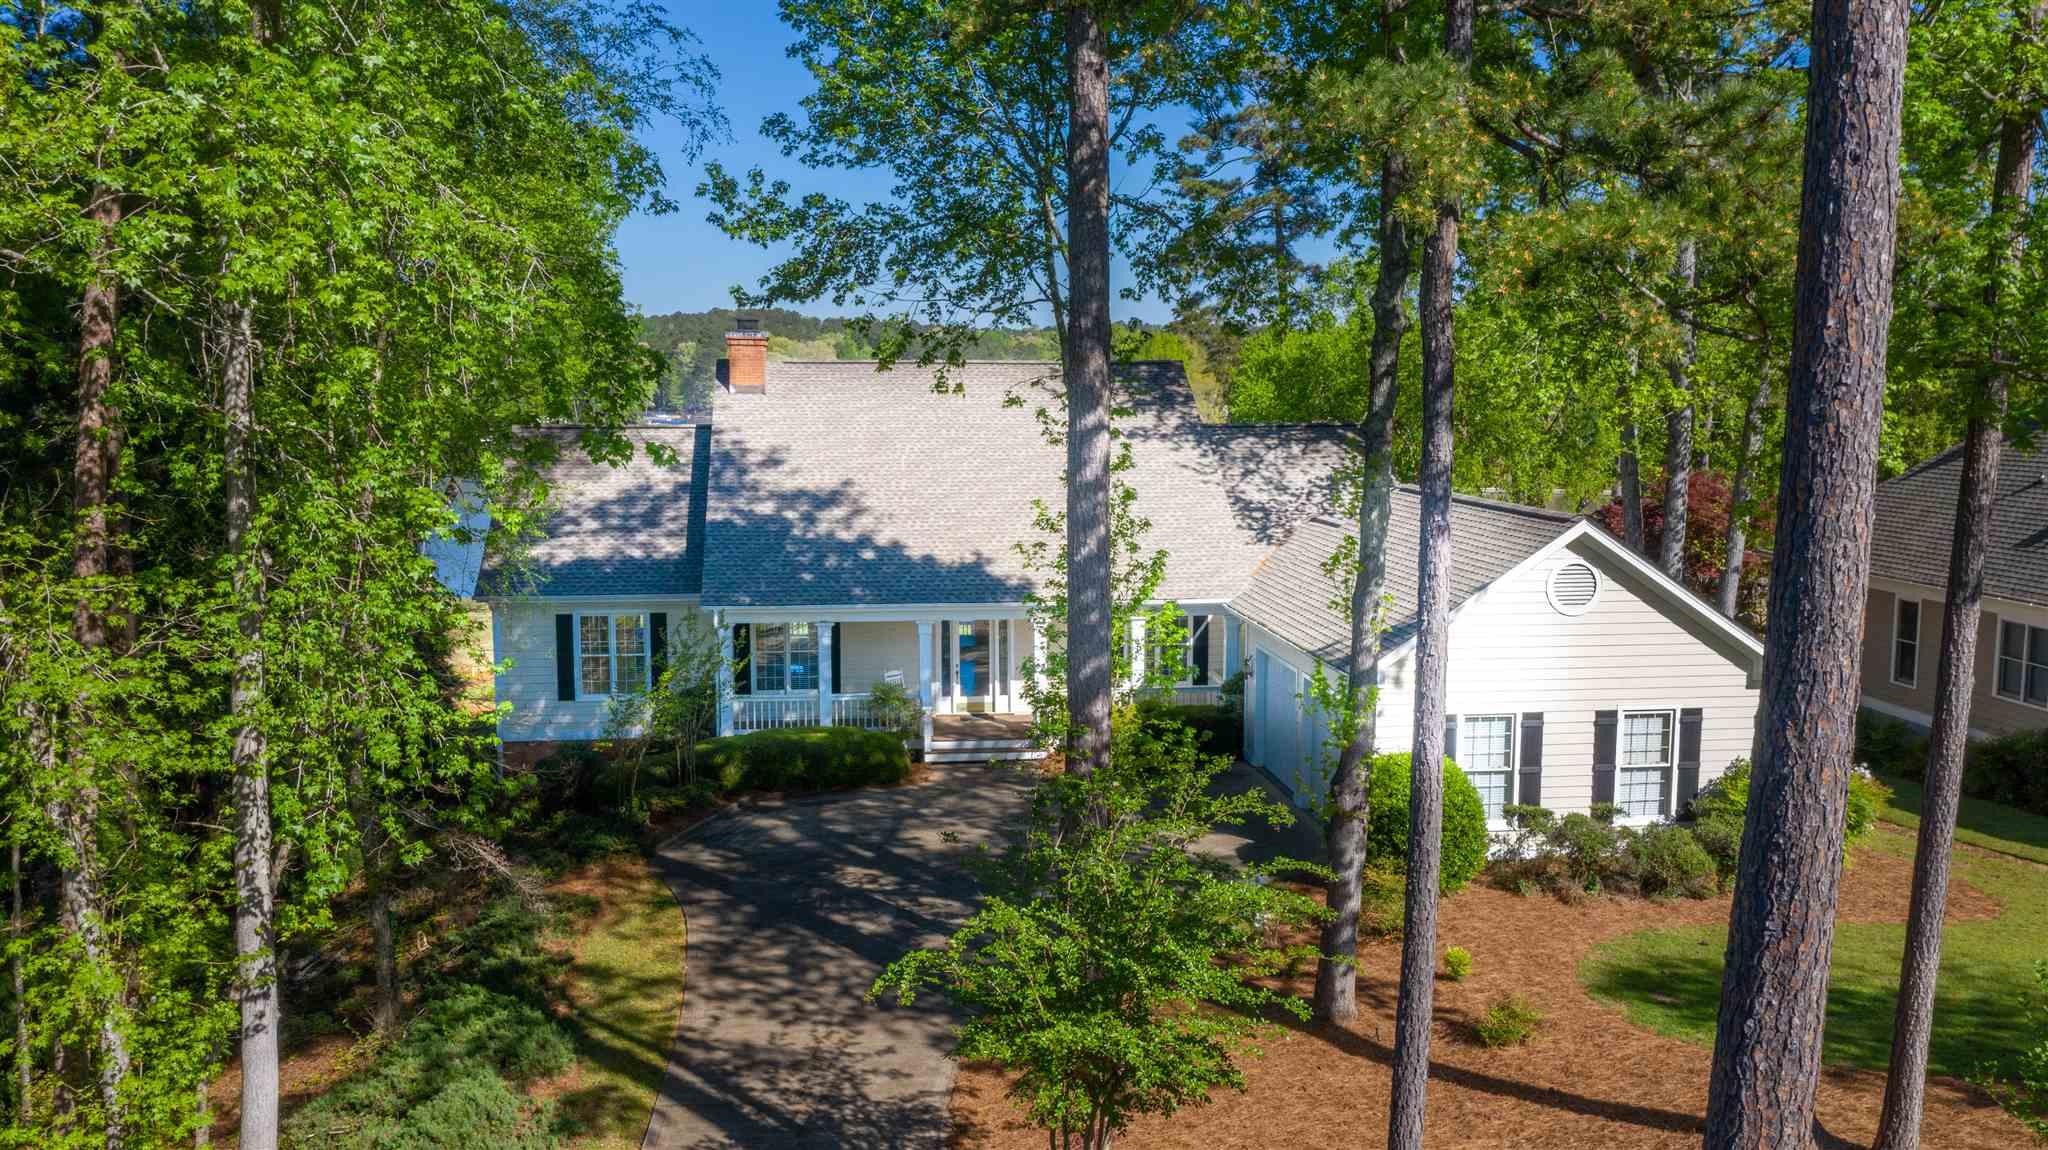 Property for sale at 3381 LINGER LONGER ROAD, Greensboro,  Georgia 30642